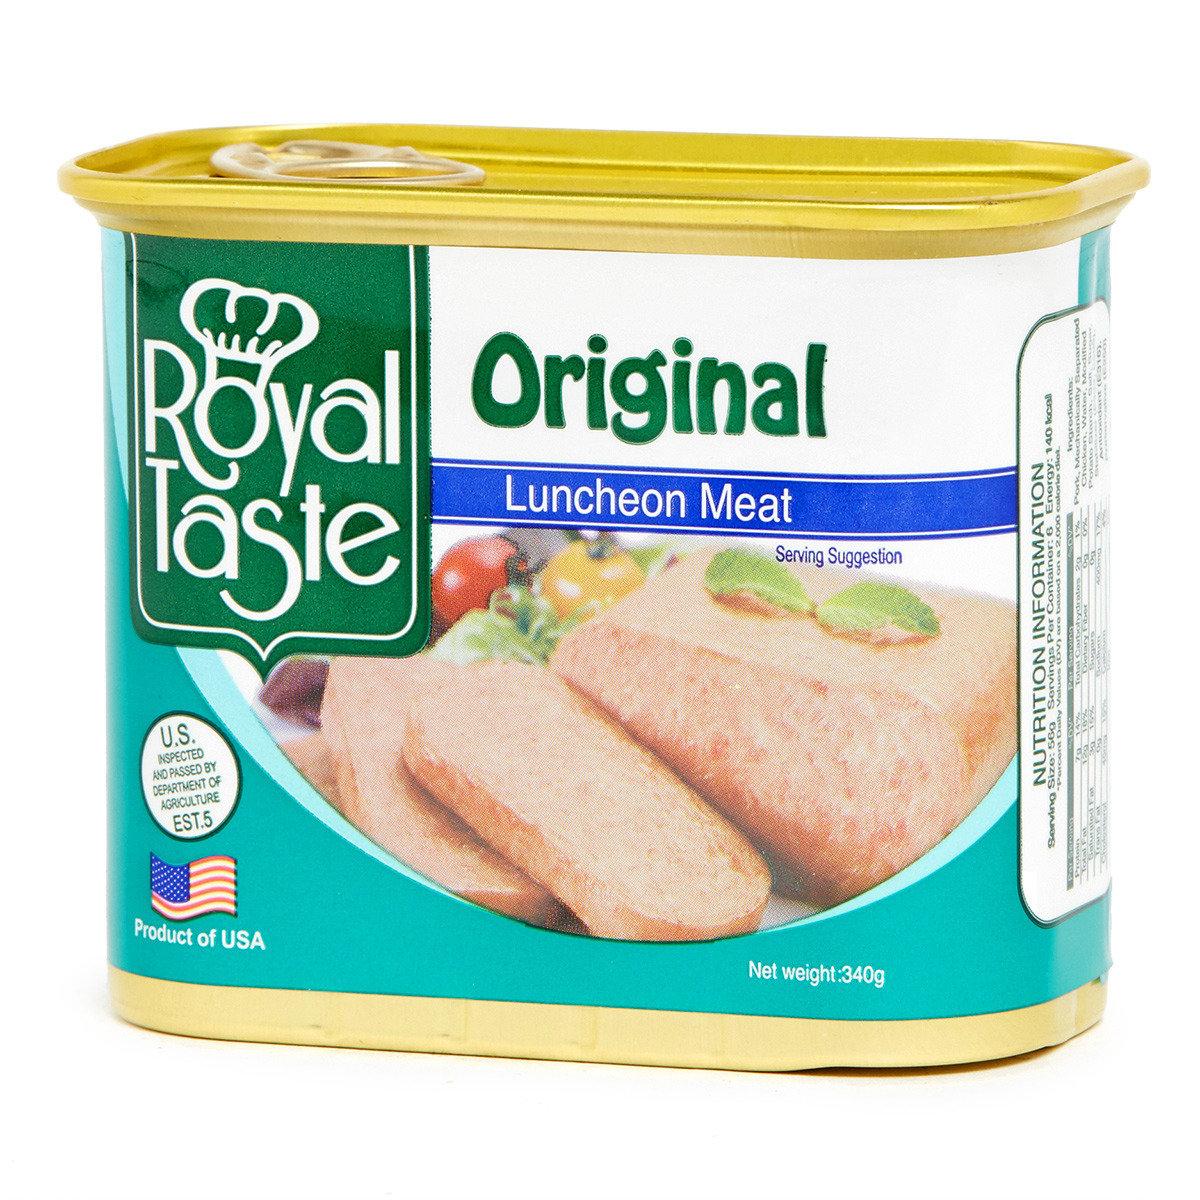 原味午餐肉